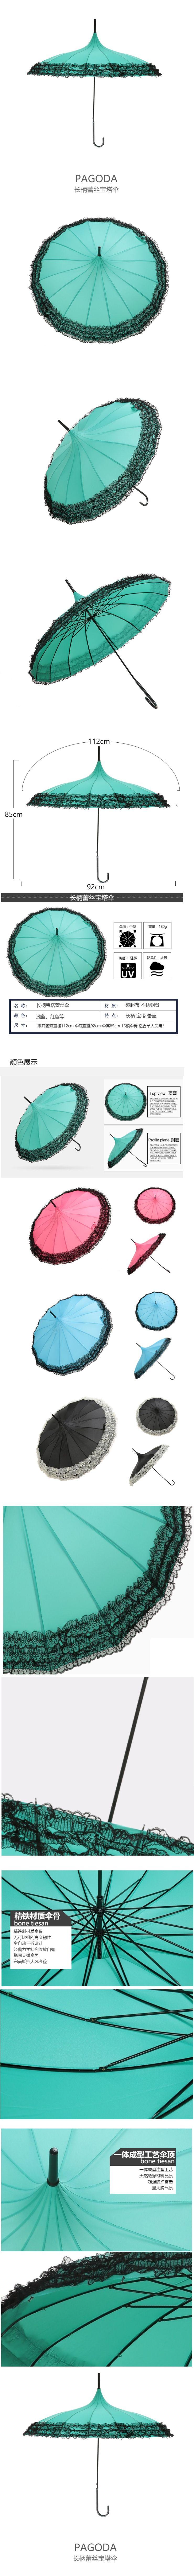 扁平简约百货零售家居生活蕾丝雨伞促销电商详情页